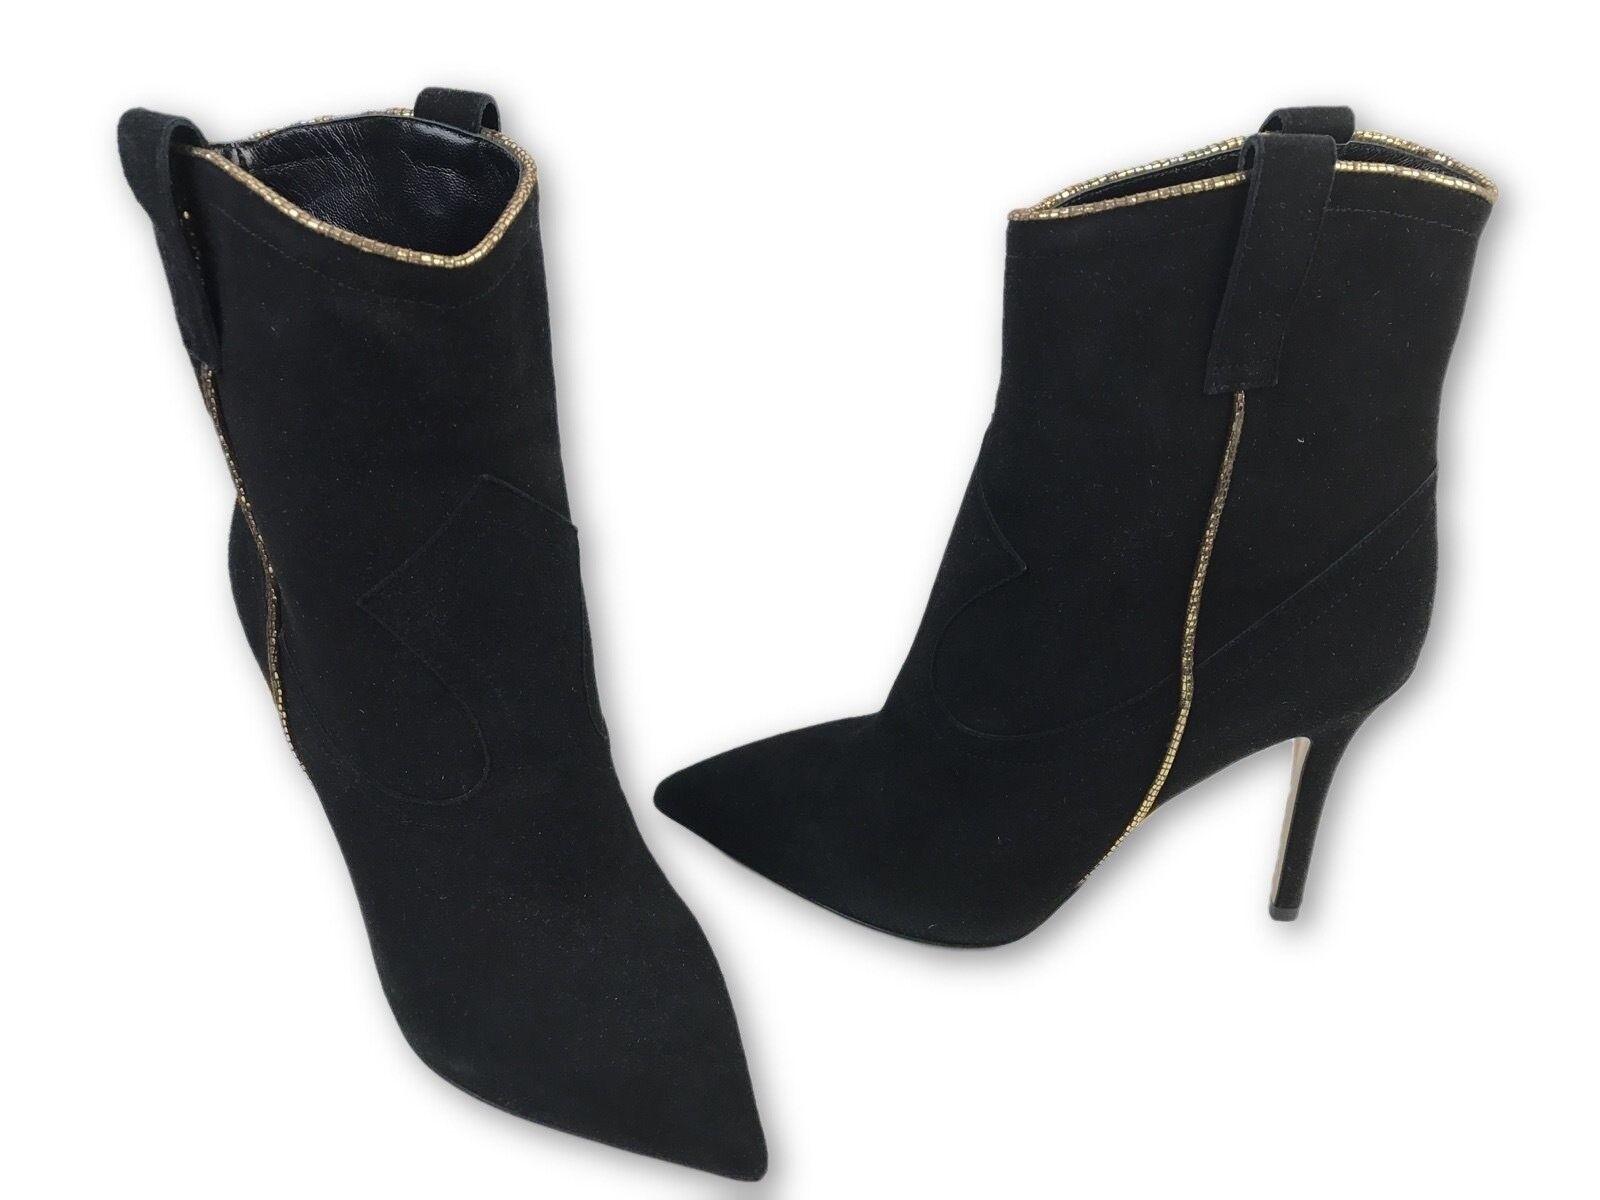 Semilla EUR 37 US 6.5 botas al Tobillo Negro Negro Negro Gamuza oro Recortar Tacón Stiletto MSRP  695  Tu satisfacción es nuestro objetivo